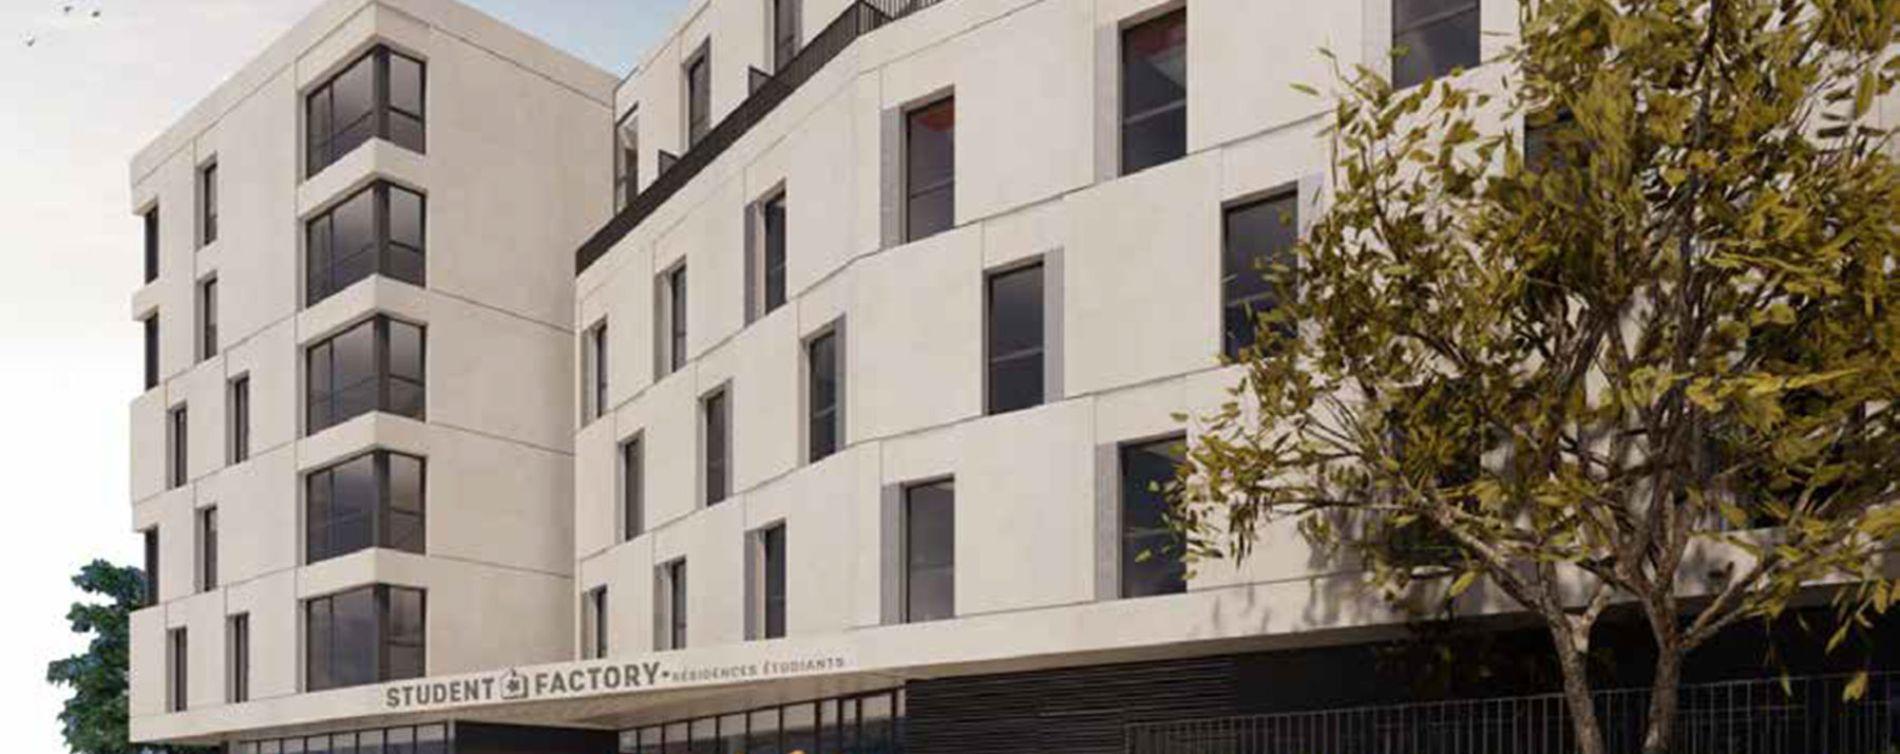 Résidence Student Factory à Montpellier